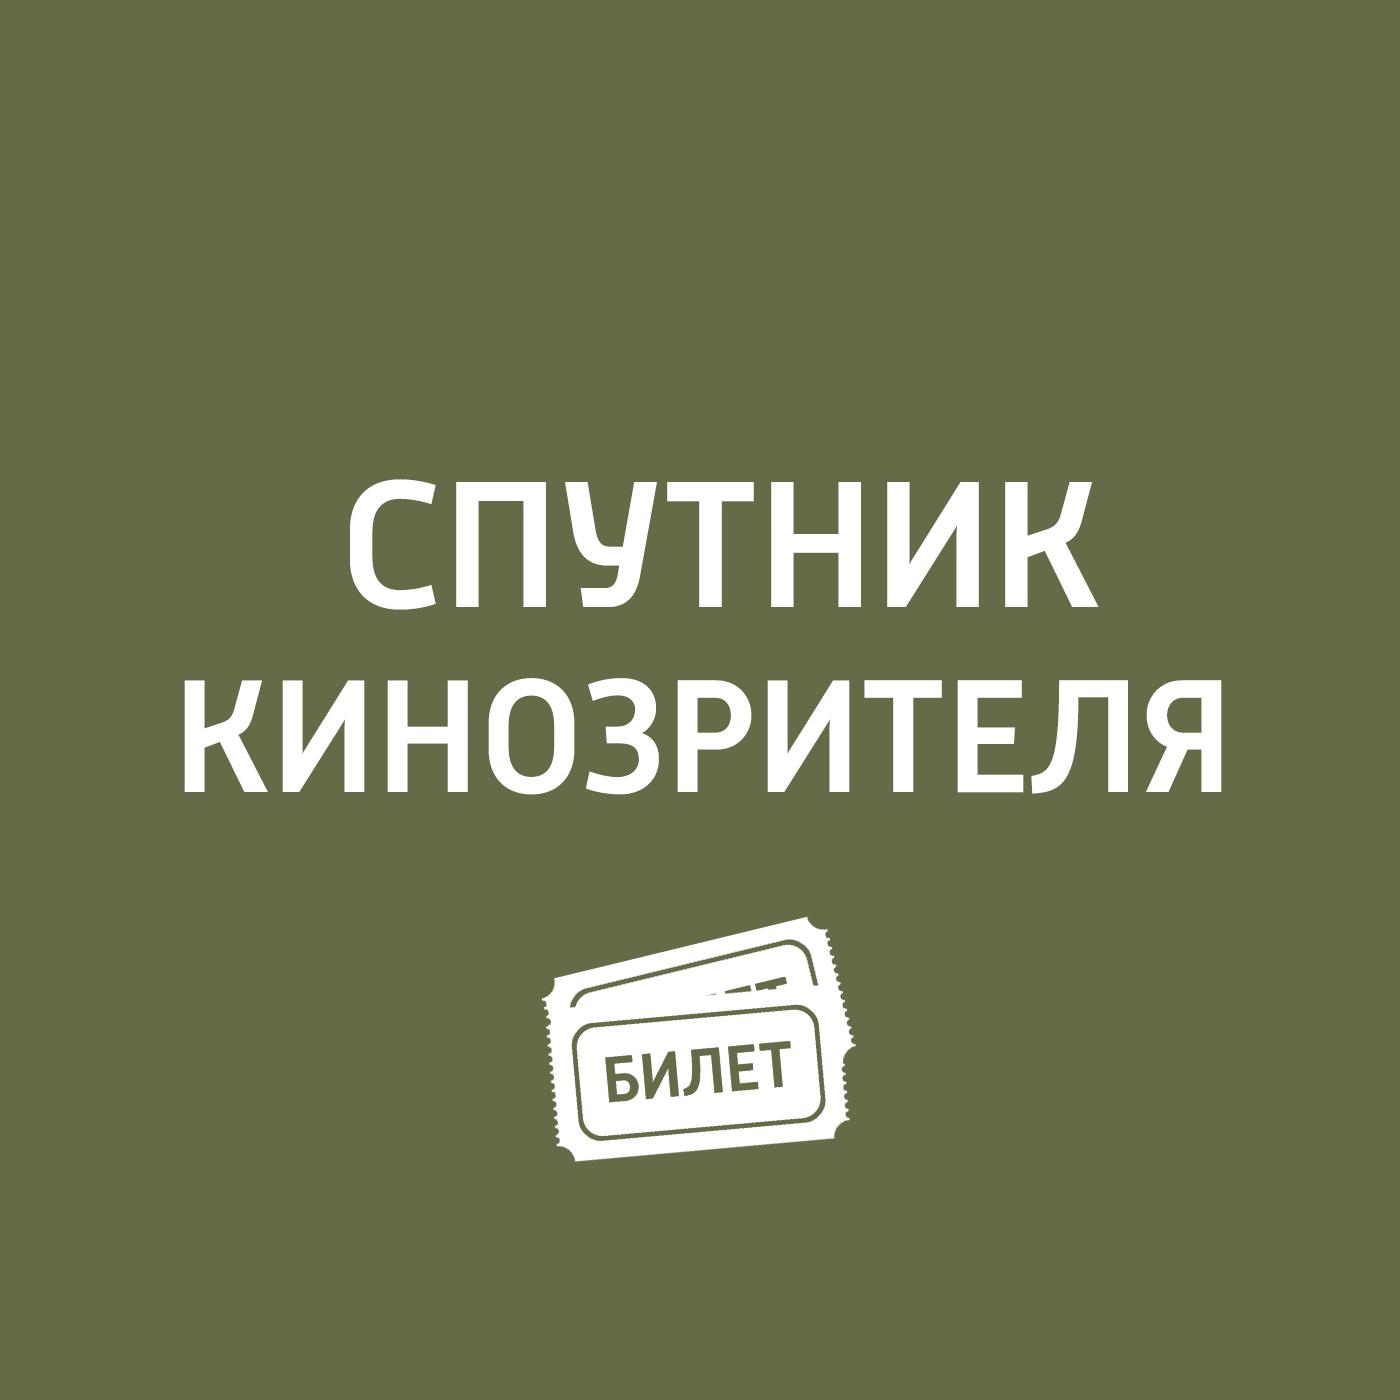 Антон Долин О российских фильмах Московского Международного кинофестиваля антон долин 39 й ммкф